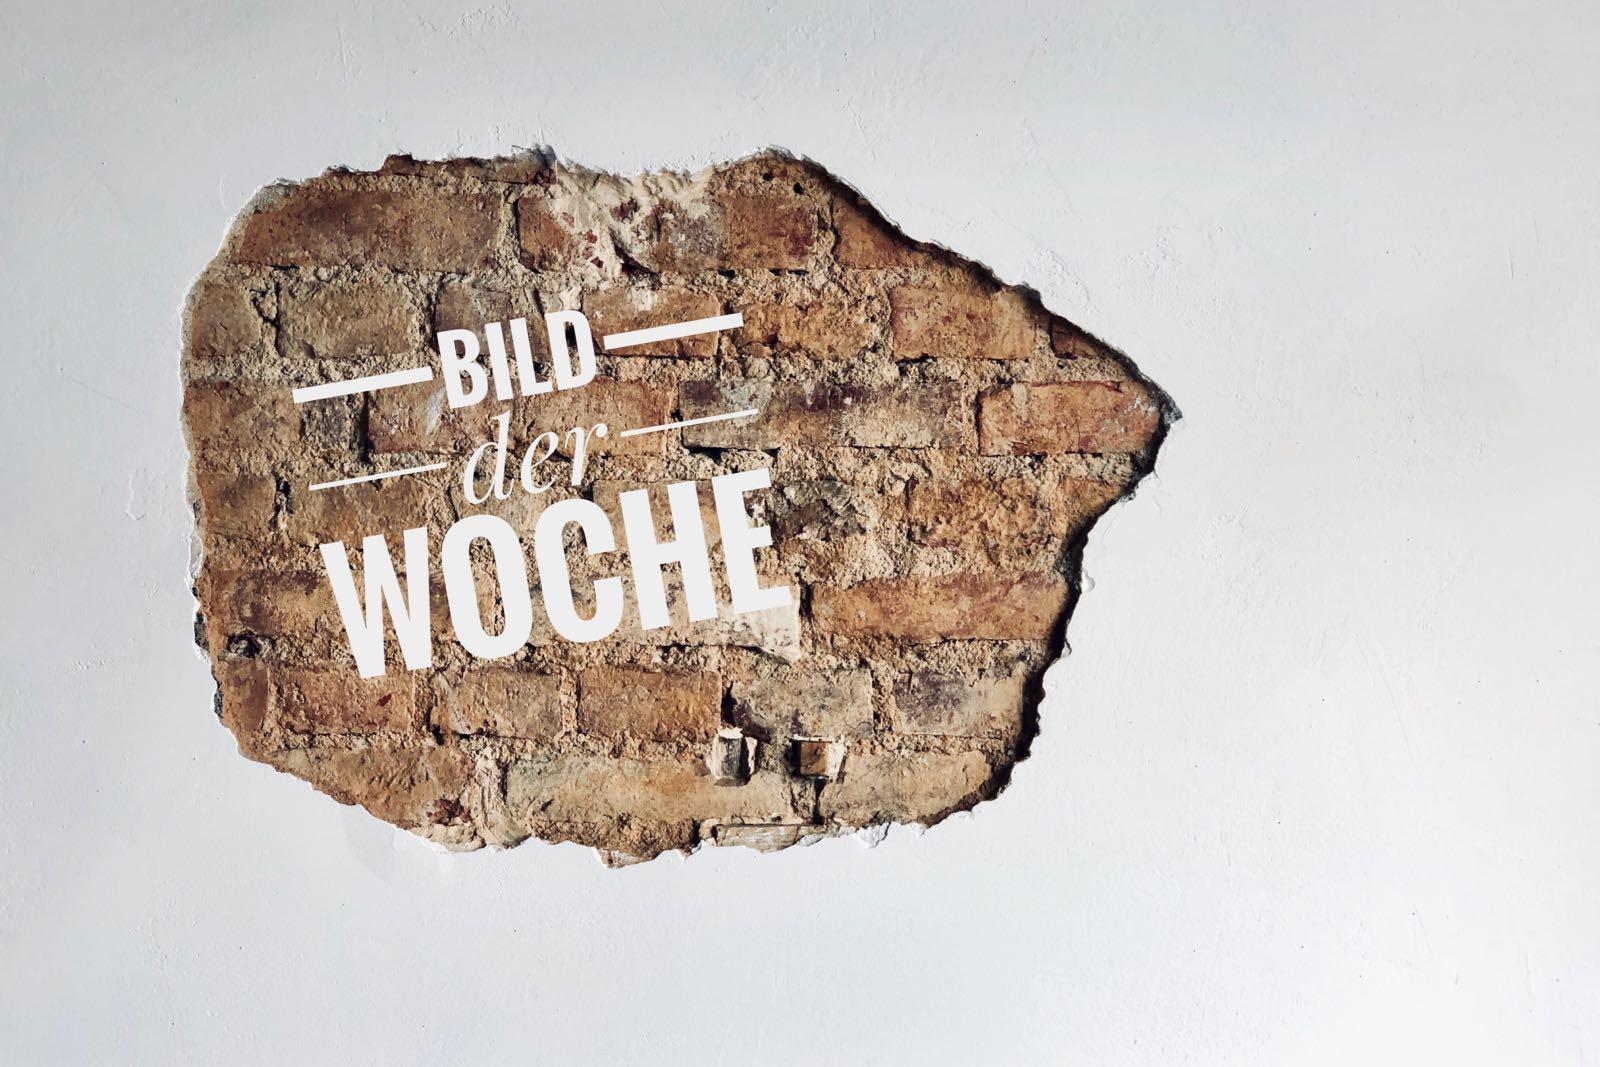 190601 BILD DER WOCHE